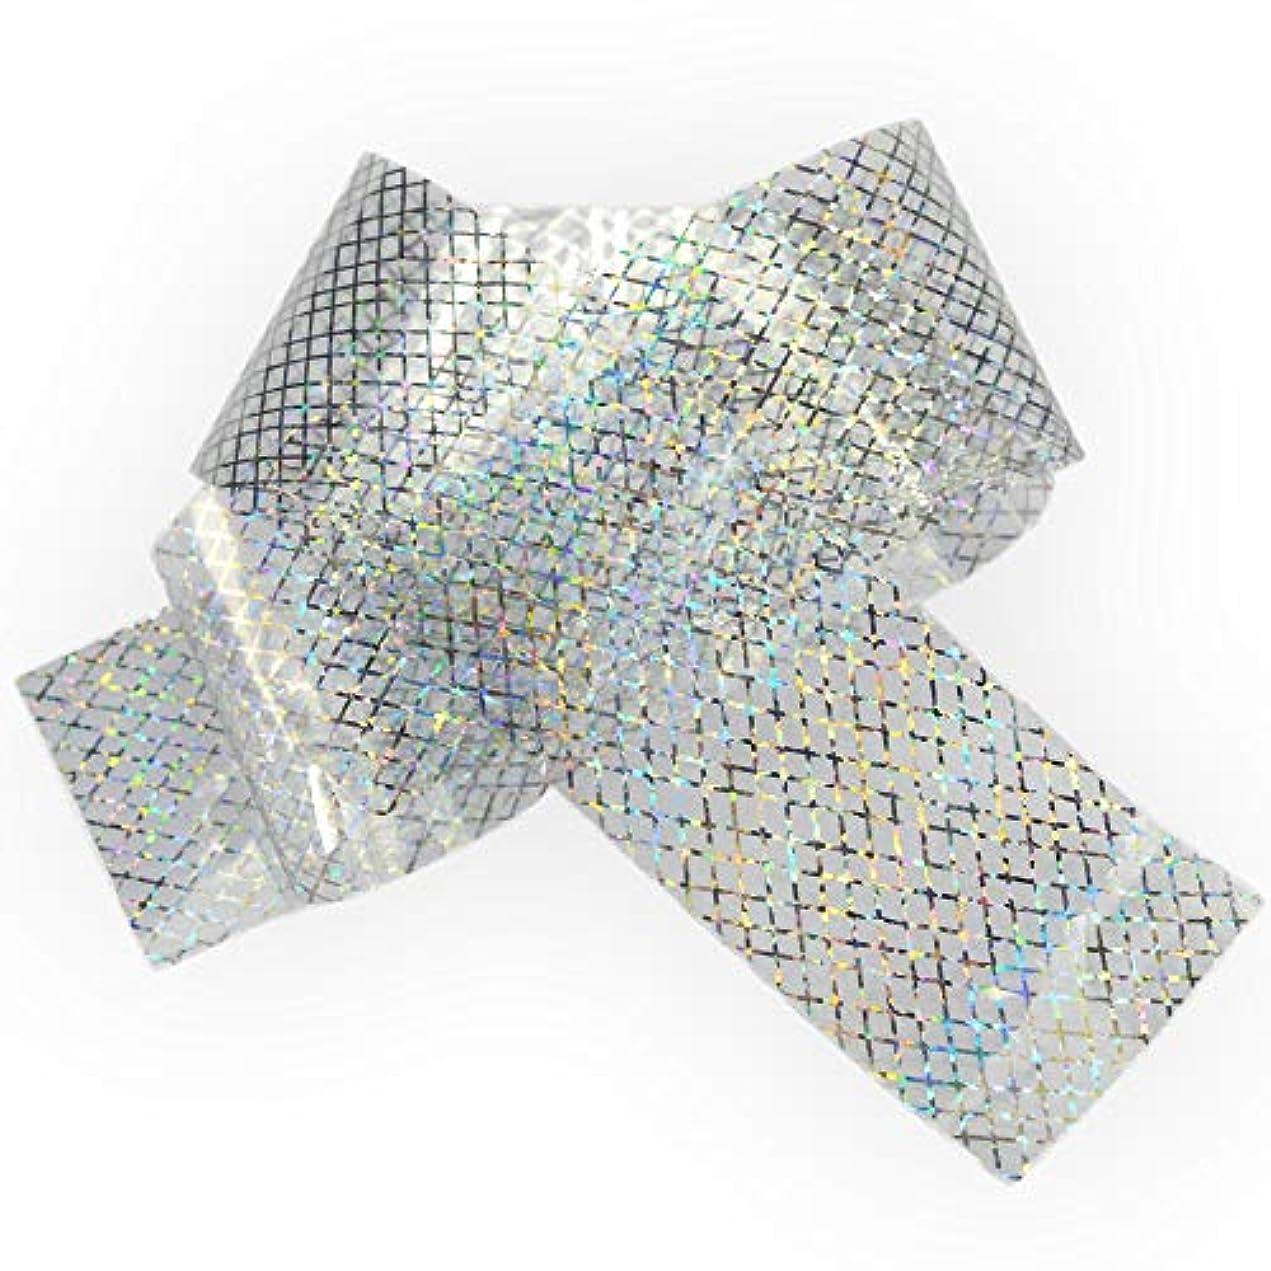 ご意見表面的な可動式100x4cmホログラフィック星空ネイル箔レーザーラインネイルアート転送ステッカーシャイニーネイルジュエリーアクセサリー